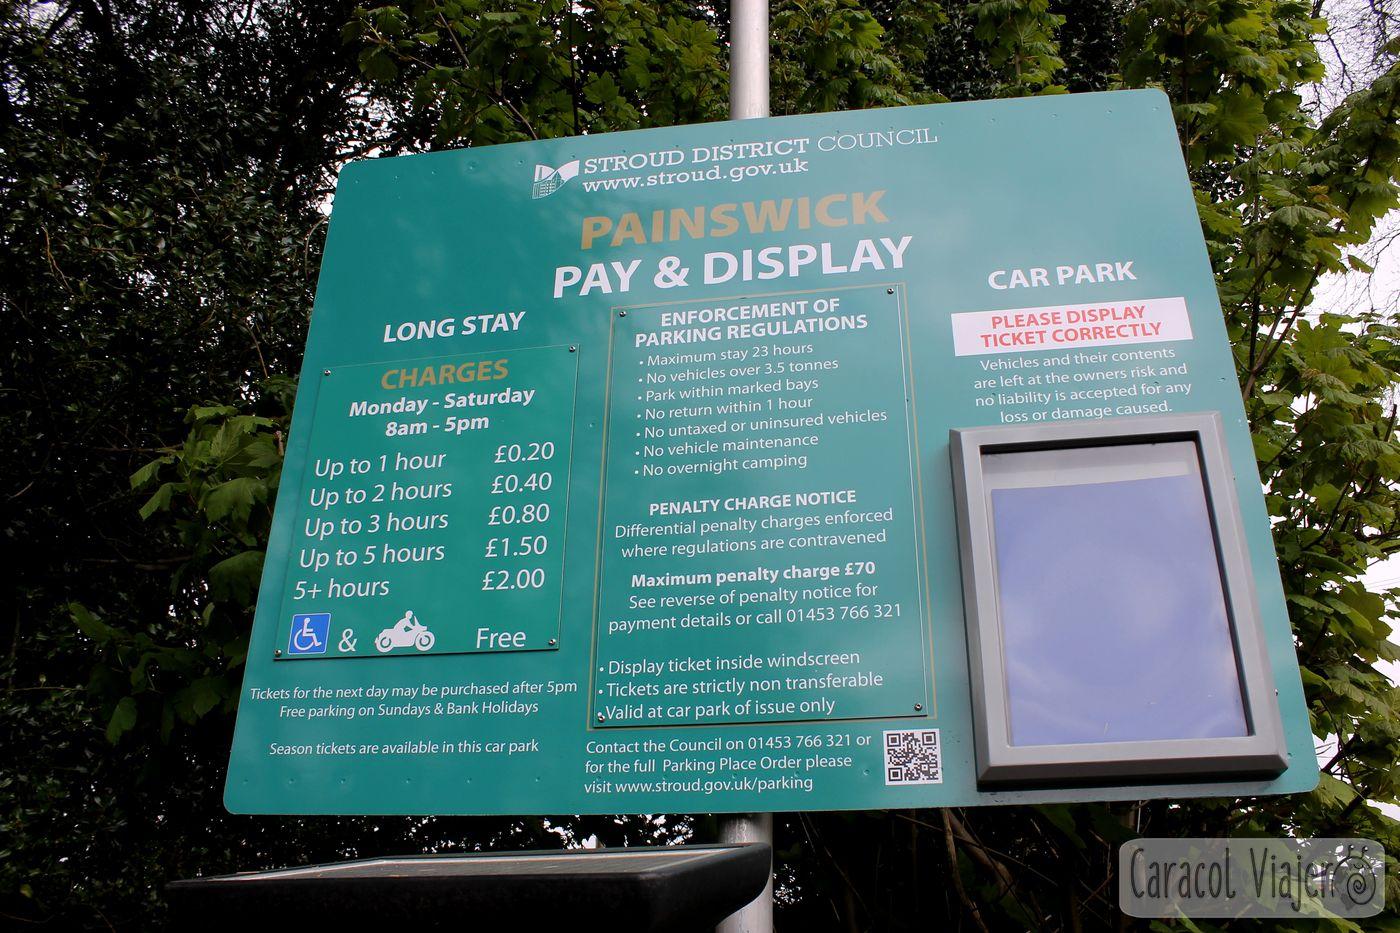 Horarios y precios parking Painswick